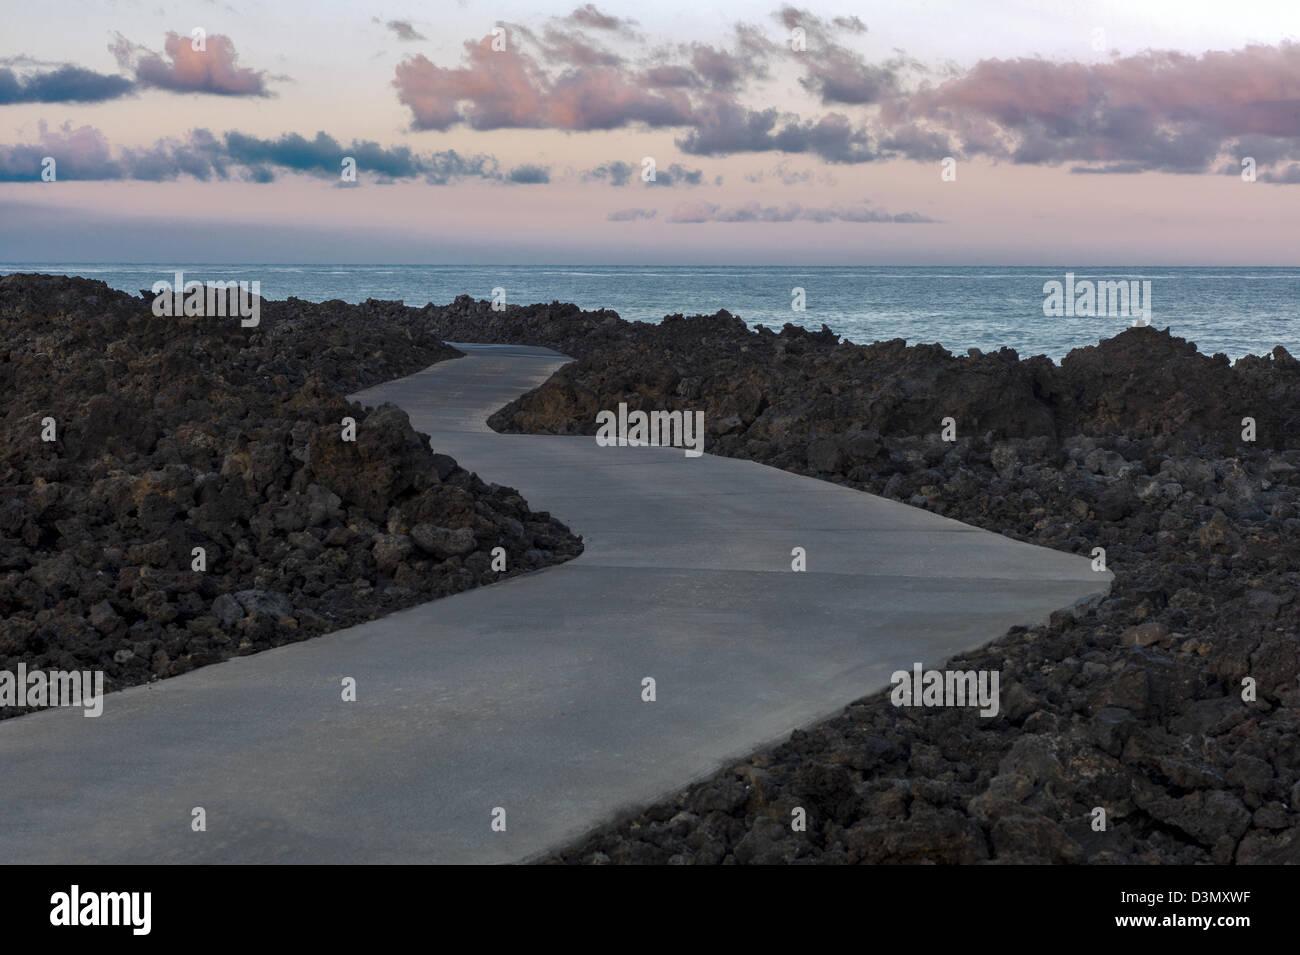 Camino a lo largo de la costa de Kohala Coast. La Isla Grande de Hawai. Imagen De Stock